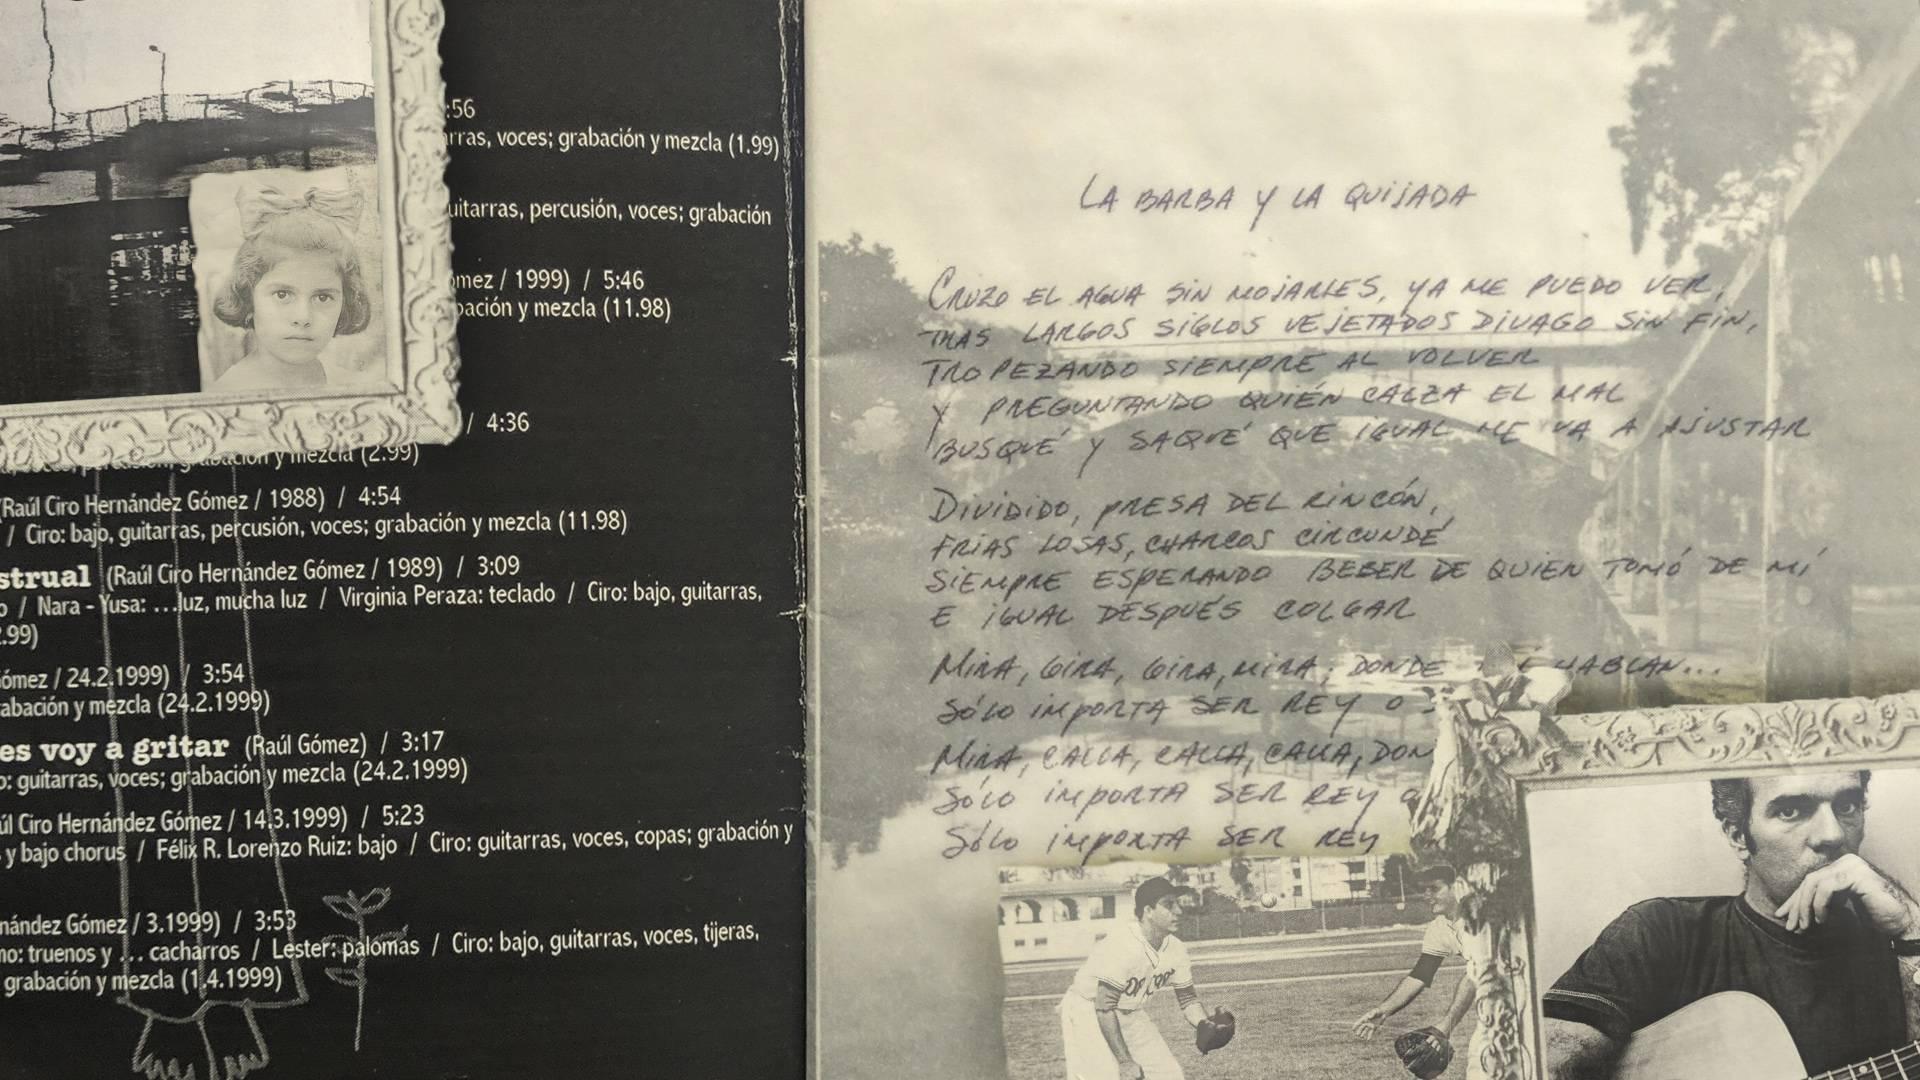 Fragmentos de la portada del álbum Ciro 3C, de Raúl Ciro. Imagen: Maria José Sardiñas.